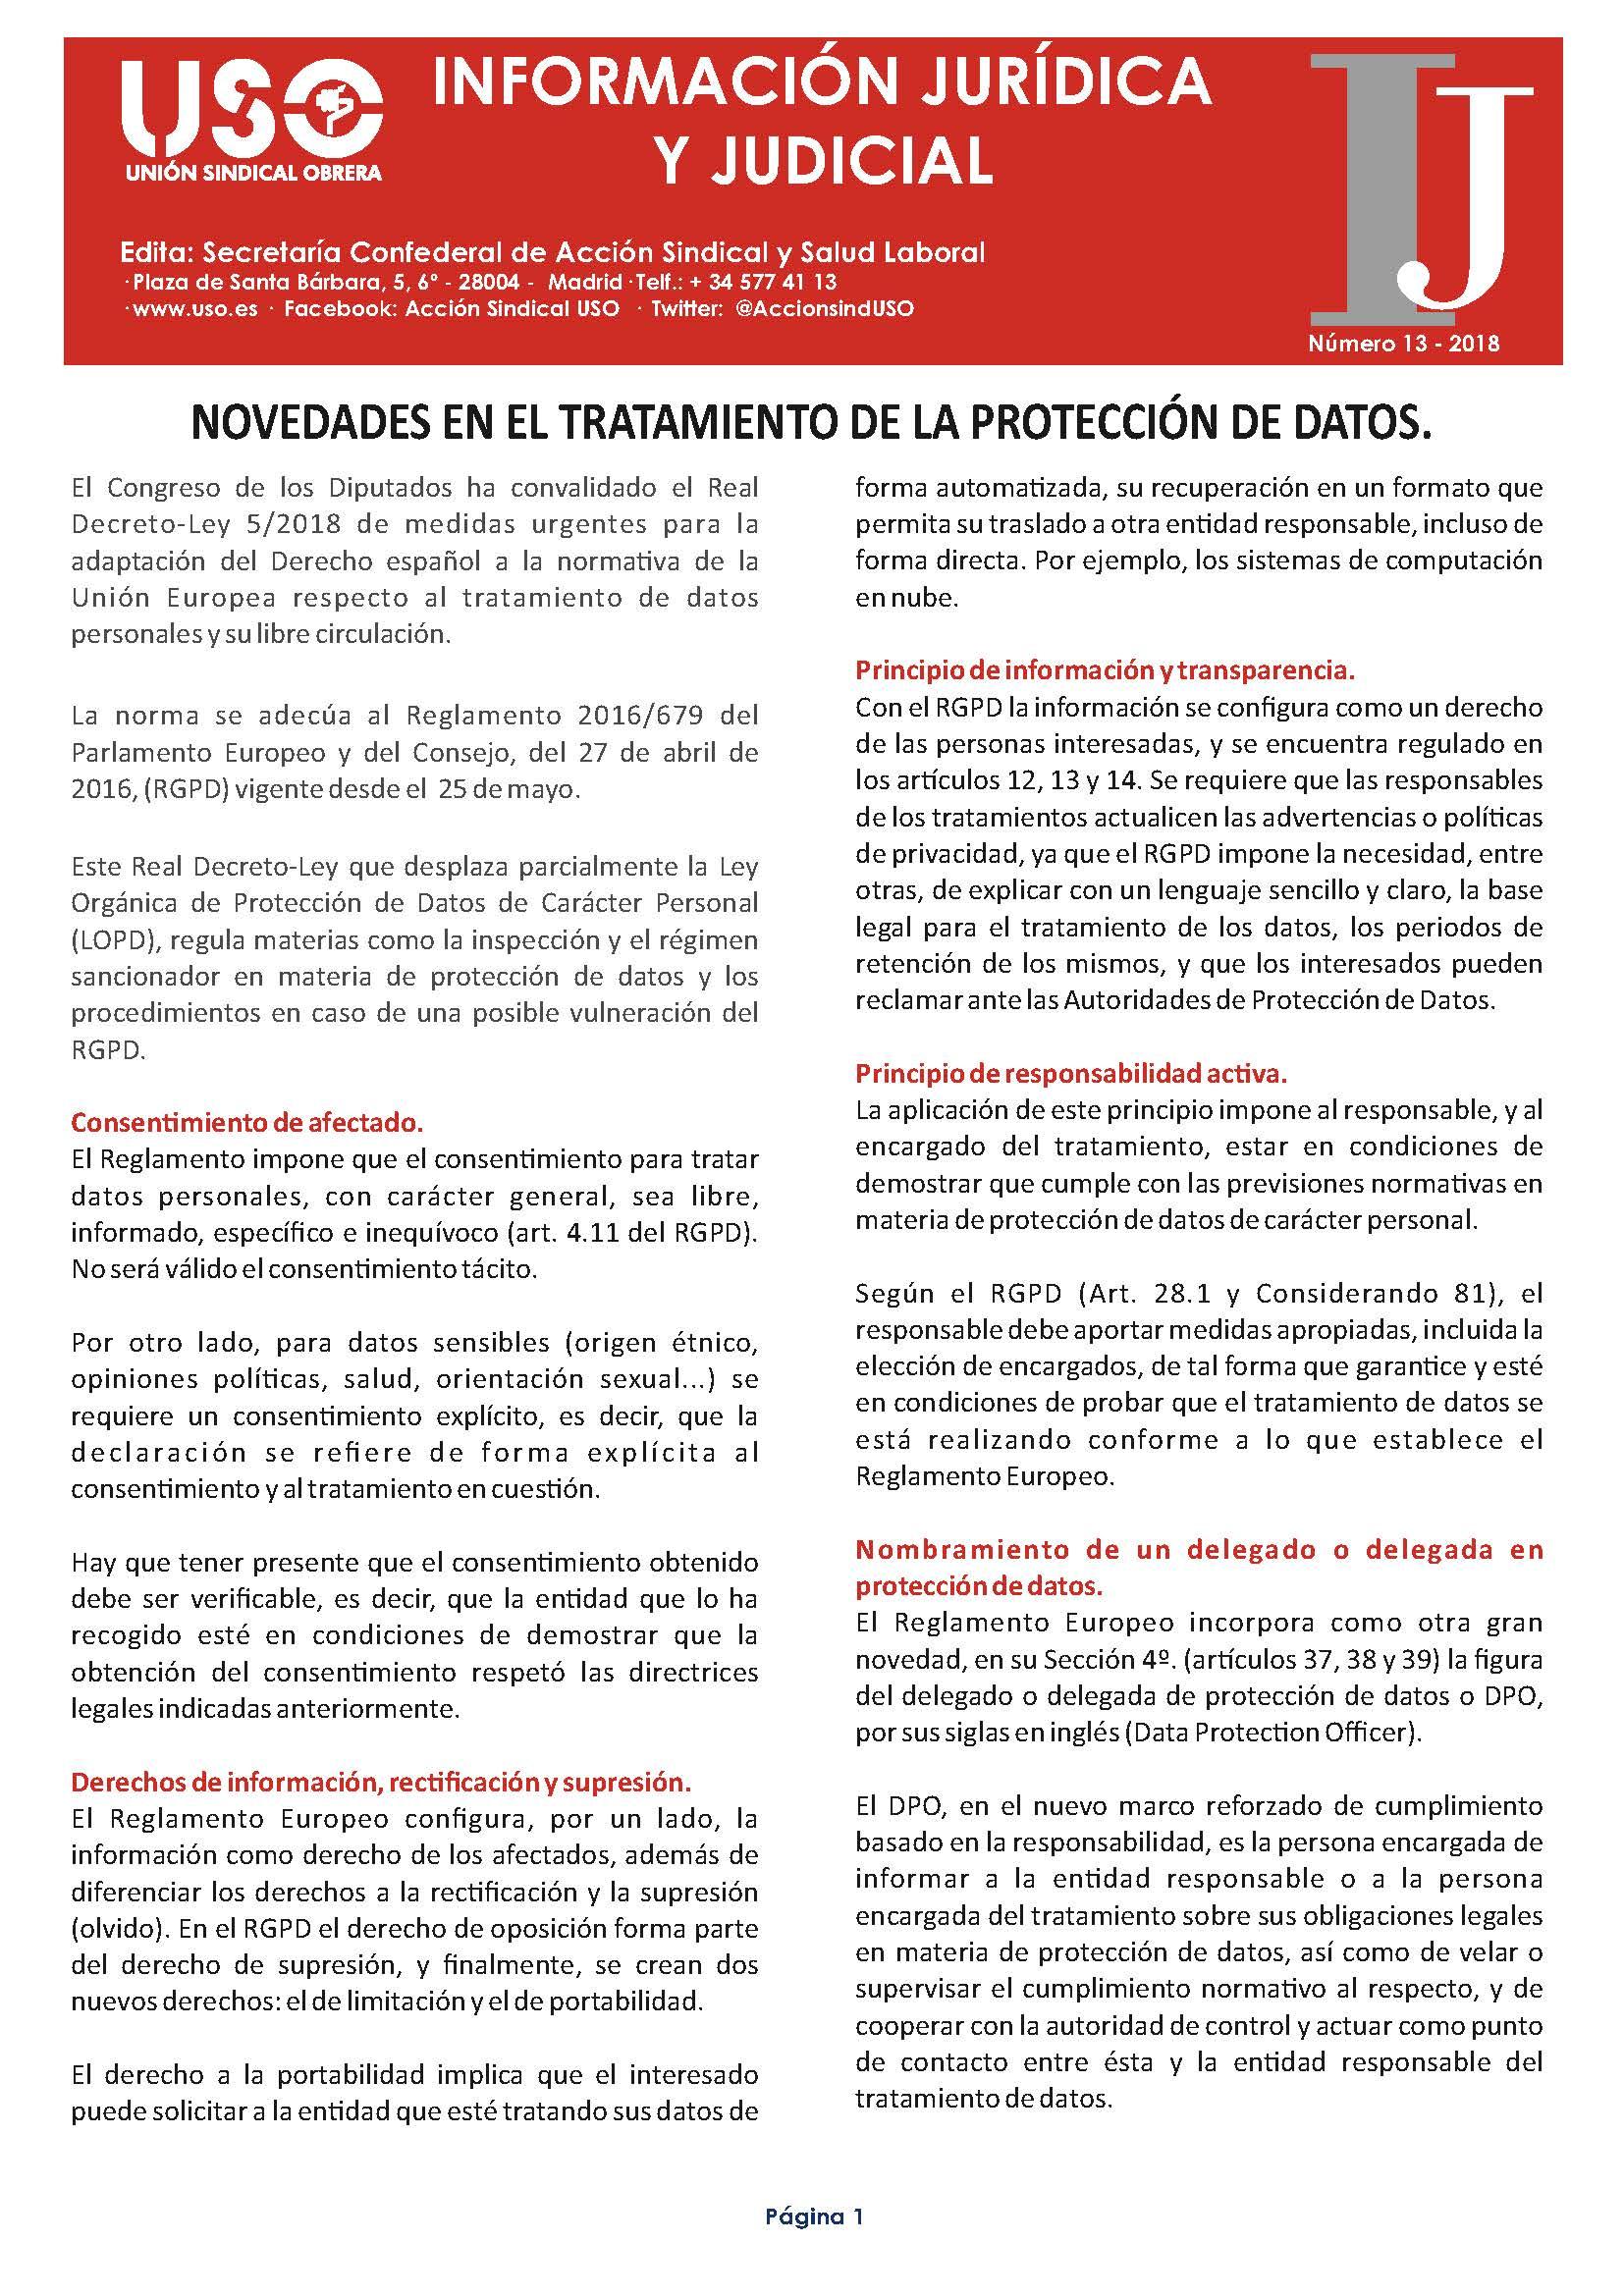 Información Jurídica y Judicial nº 13